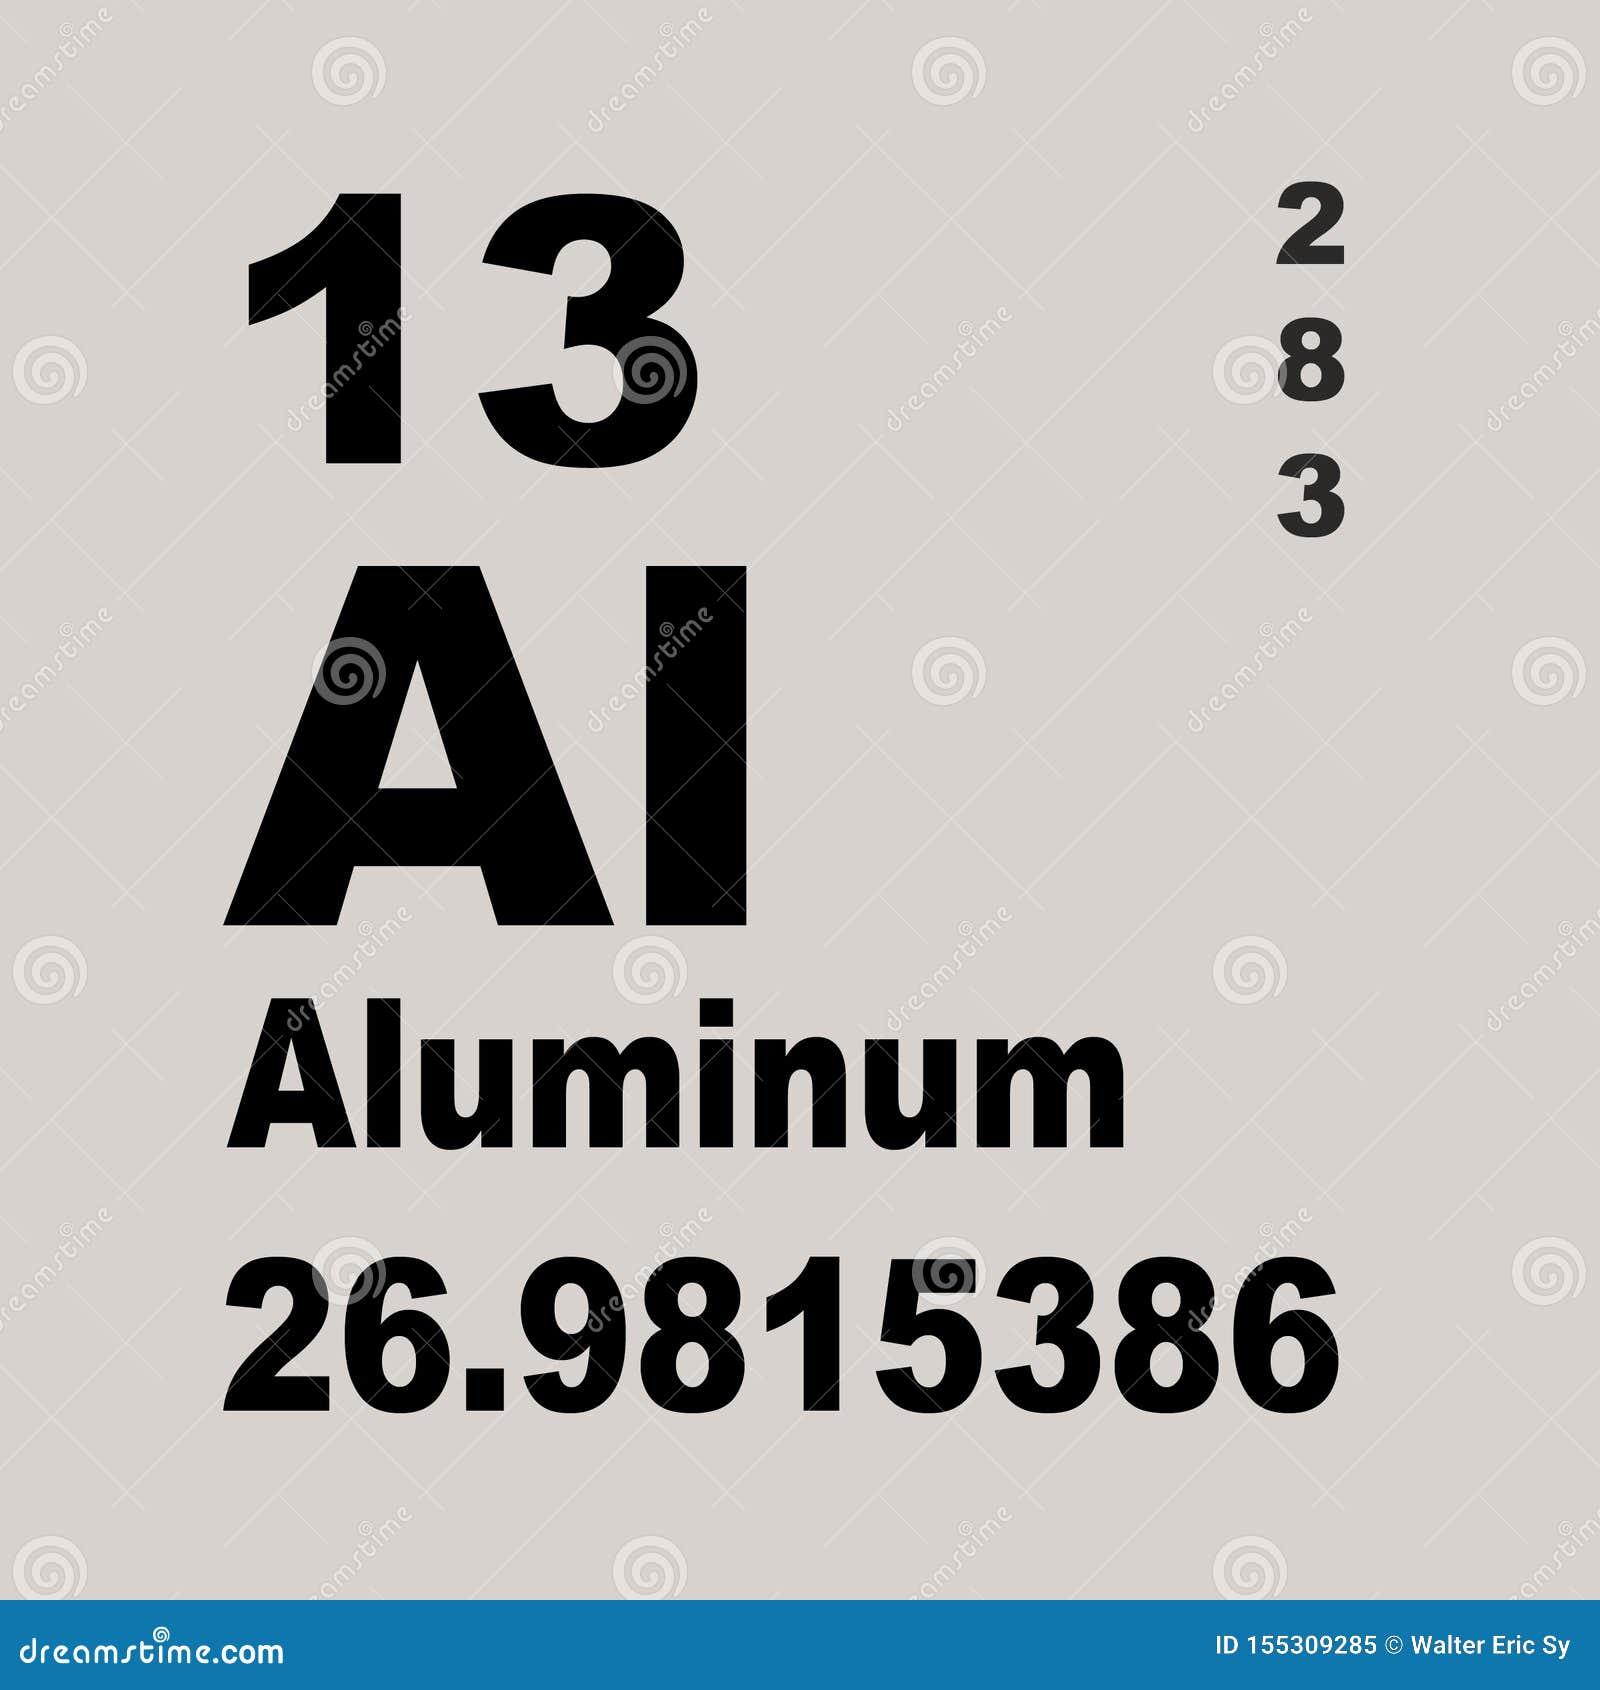 Aluminum have atomic number